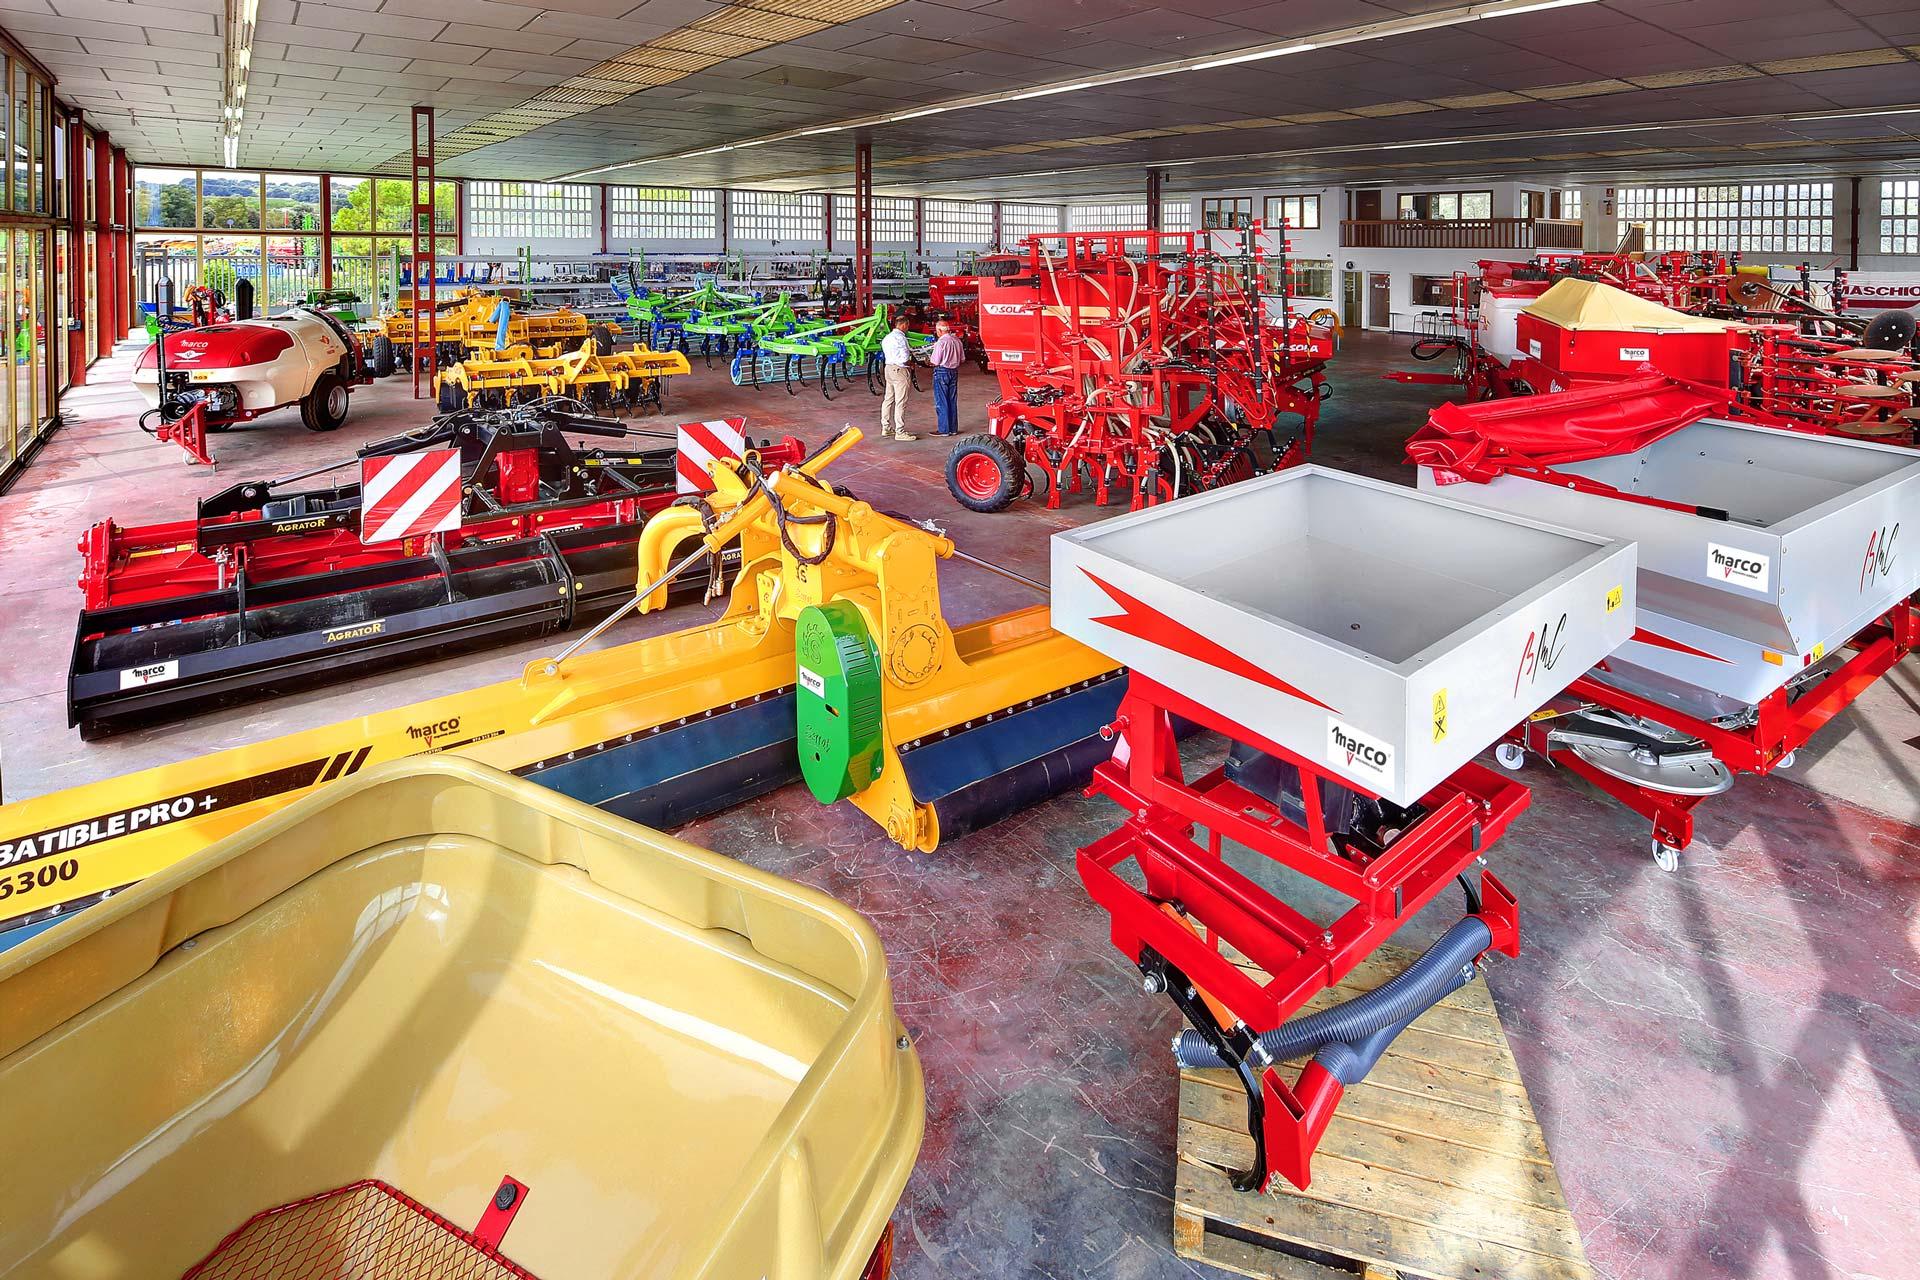 comprar-maquinaria-agricola-huesca-marco-2_65054bb4a2a5d76a1b3aa8dfe12d333a